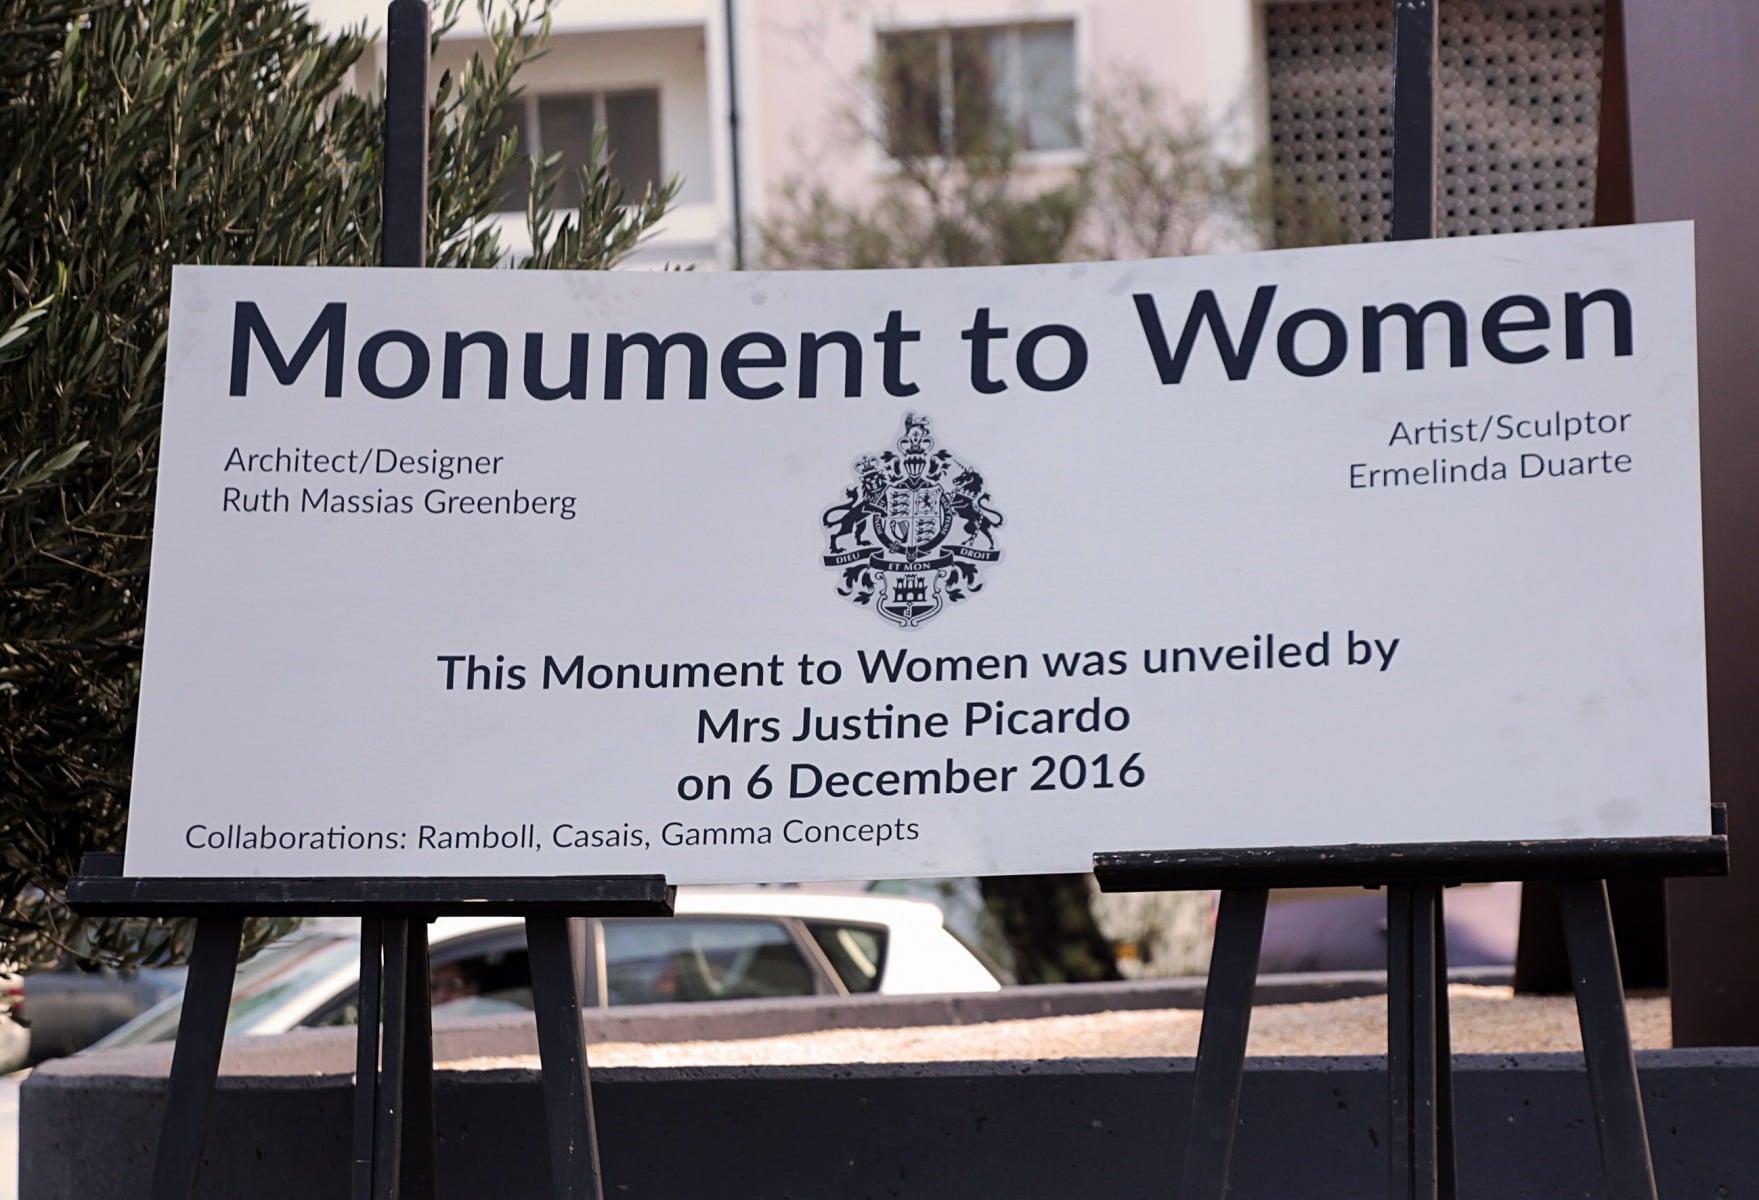 inauguracin-del-monumento-a-la-mujer-en-gibraltar_30656124793_o